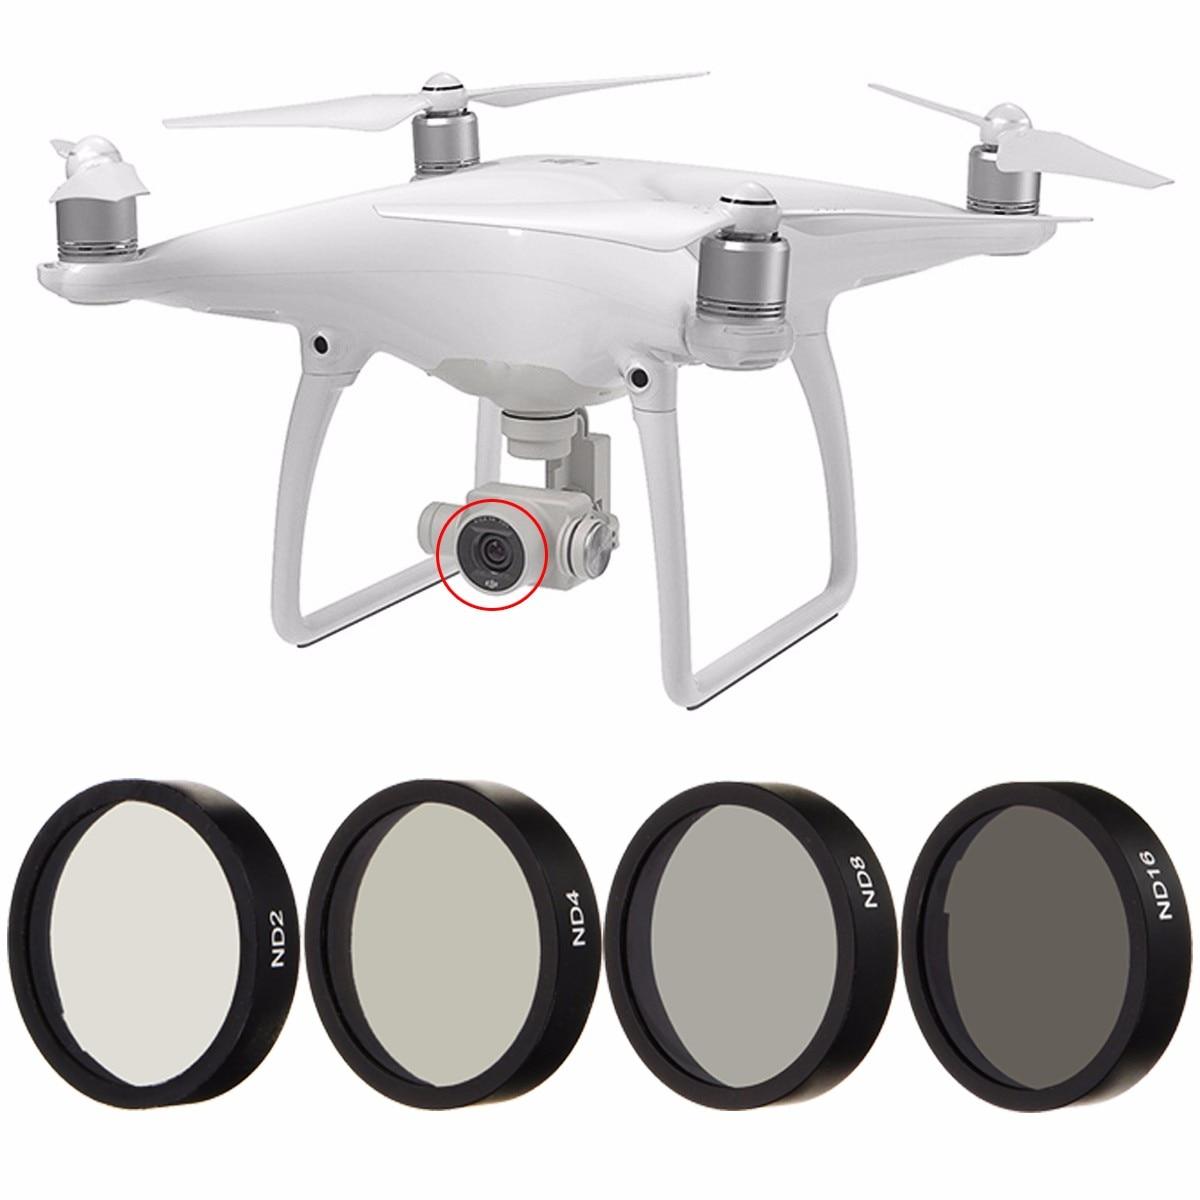 nouveau-4pc-nd2-nd4-nd8-nd16-len-filtre-pour-font-b-dji-b-font-phantom-3-4-professionnel-camera-avancee-font-b-drone-b-font-lentille-ensemble-cadre-noir